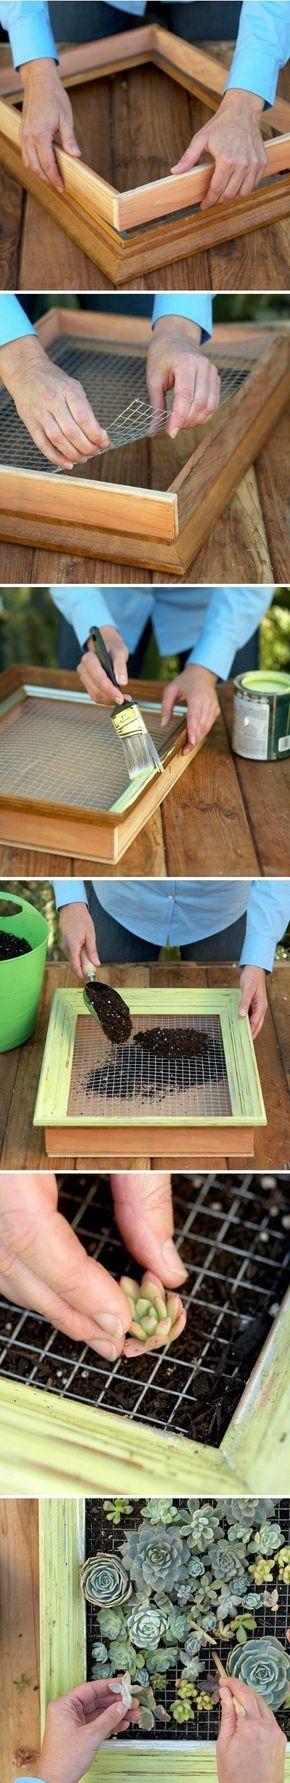 Cómo construir un cuadro vivo o Jardin vertical #césped artificial #www.stepongreen.com